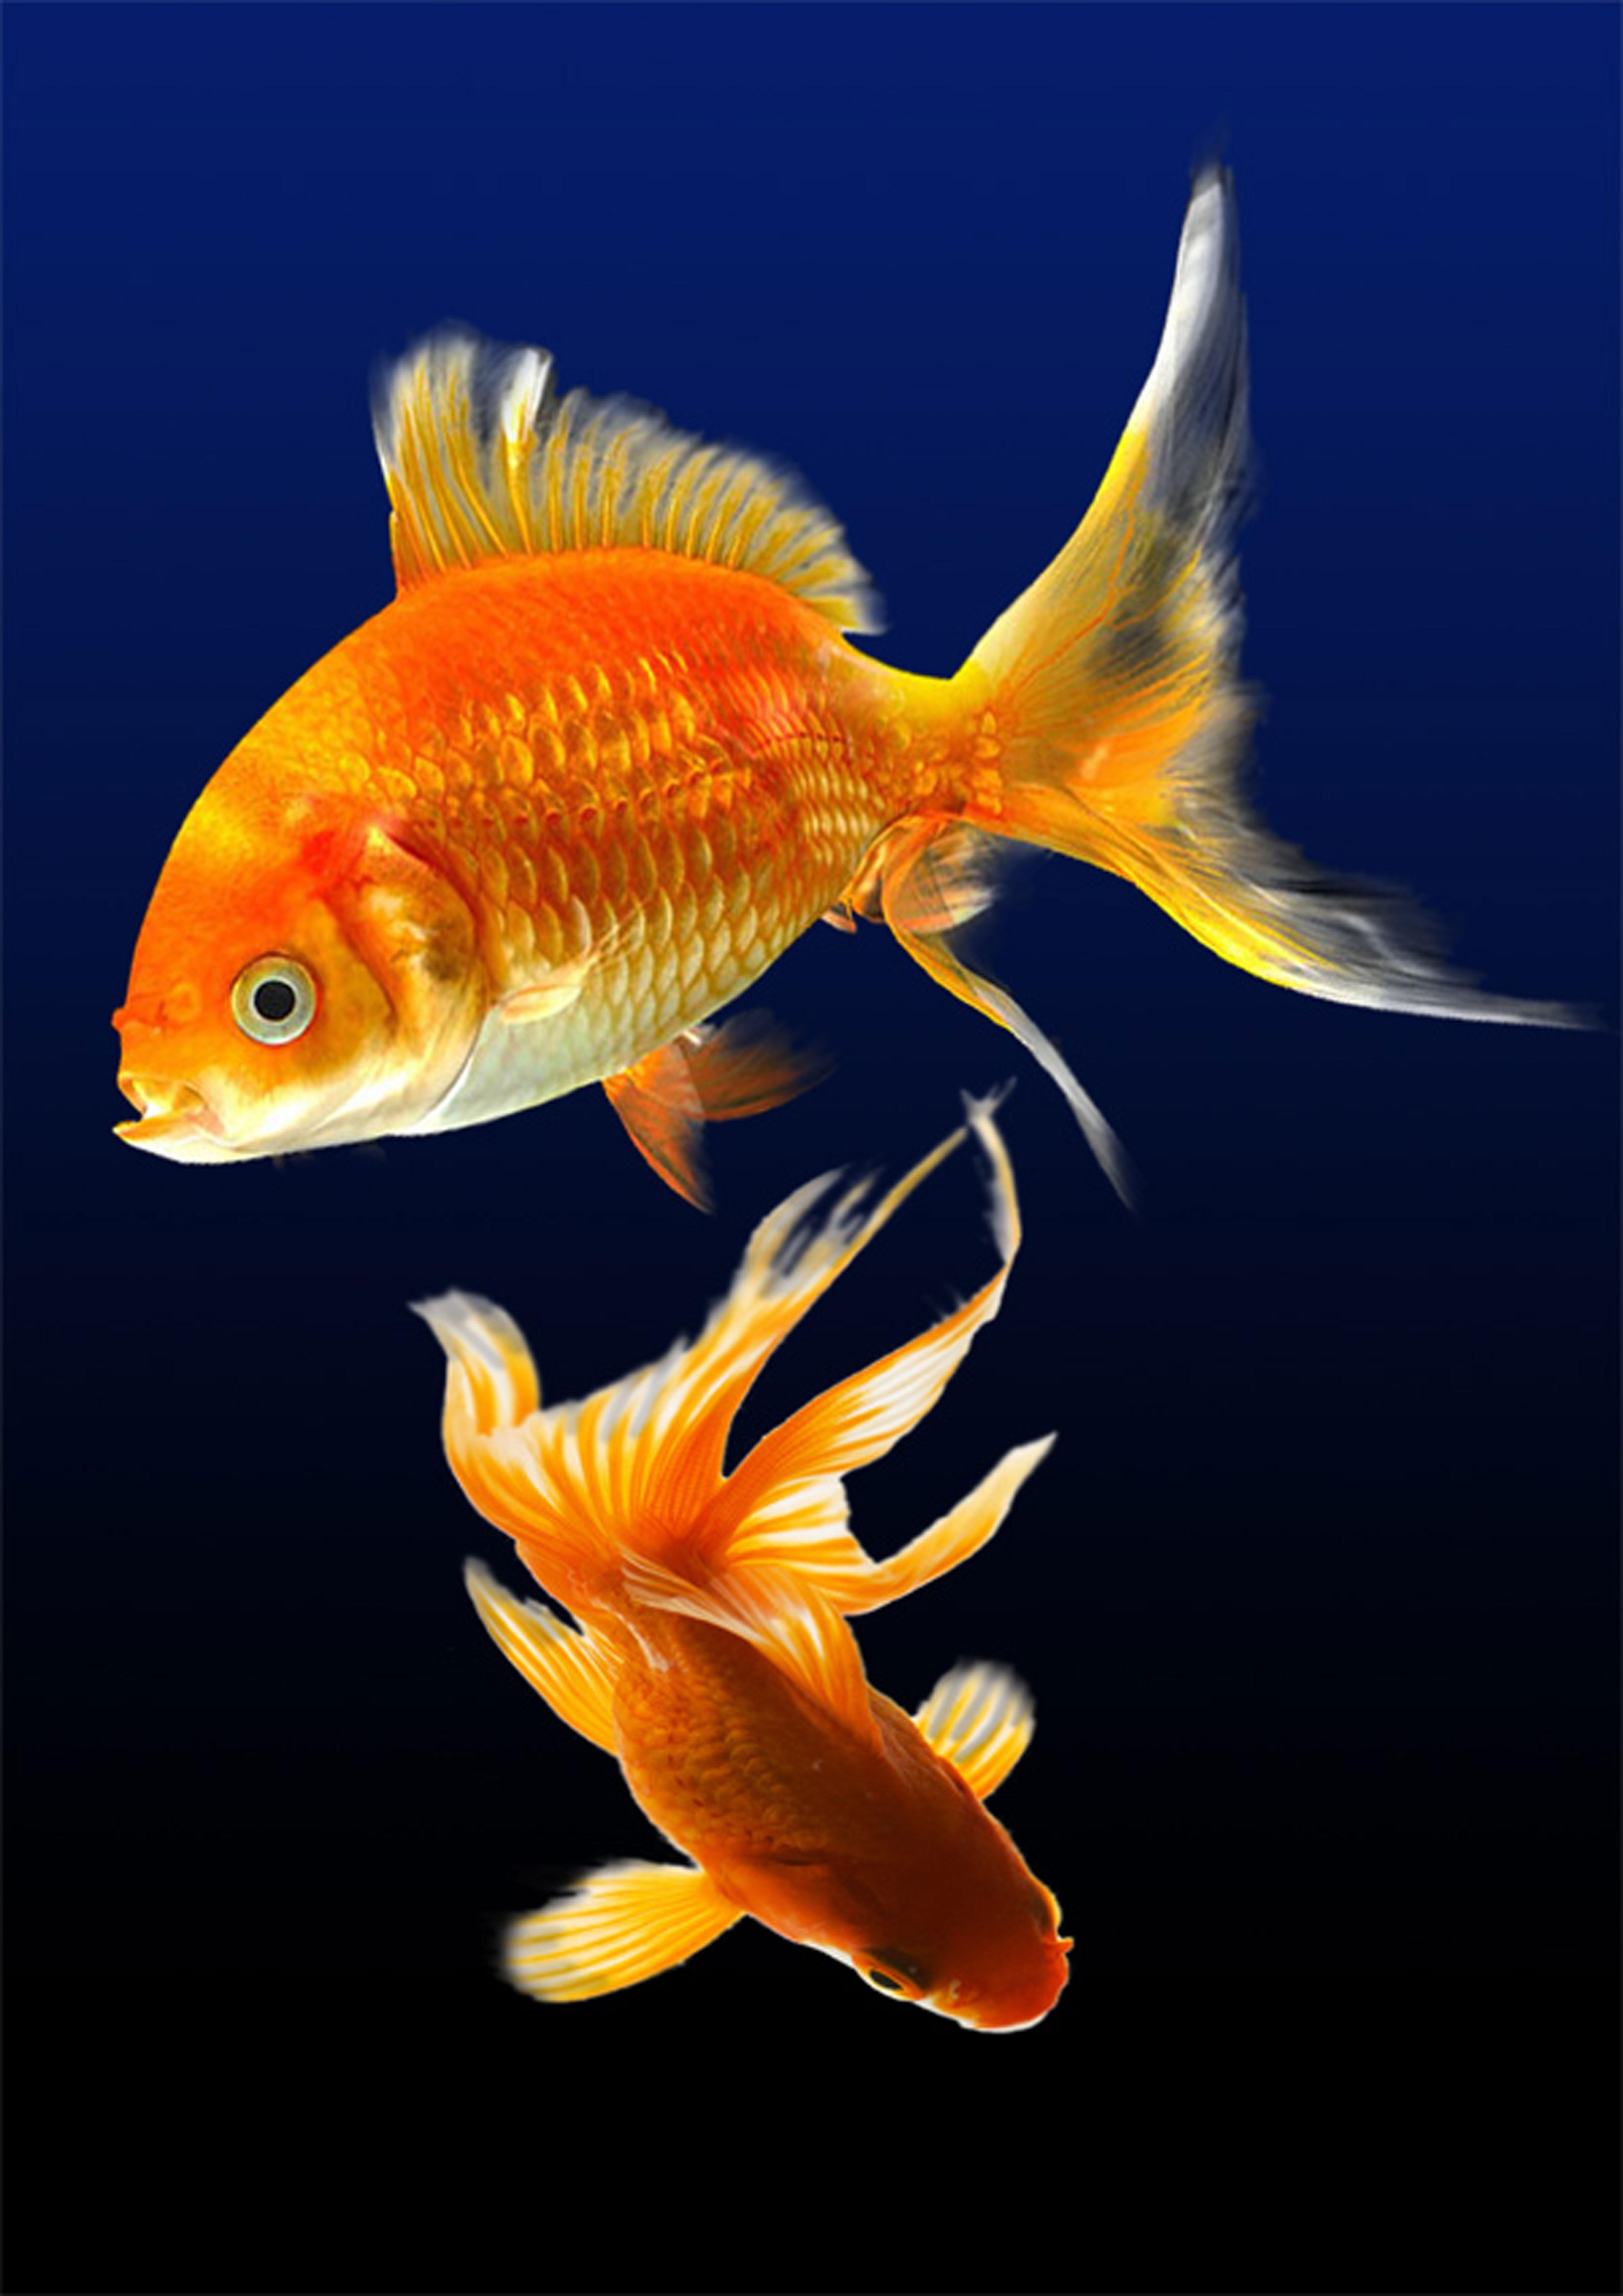 аквариумные рыбки картинки на телефон мест захоронений